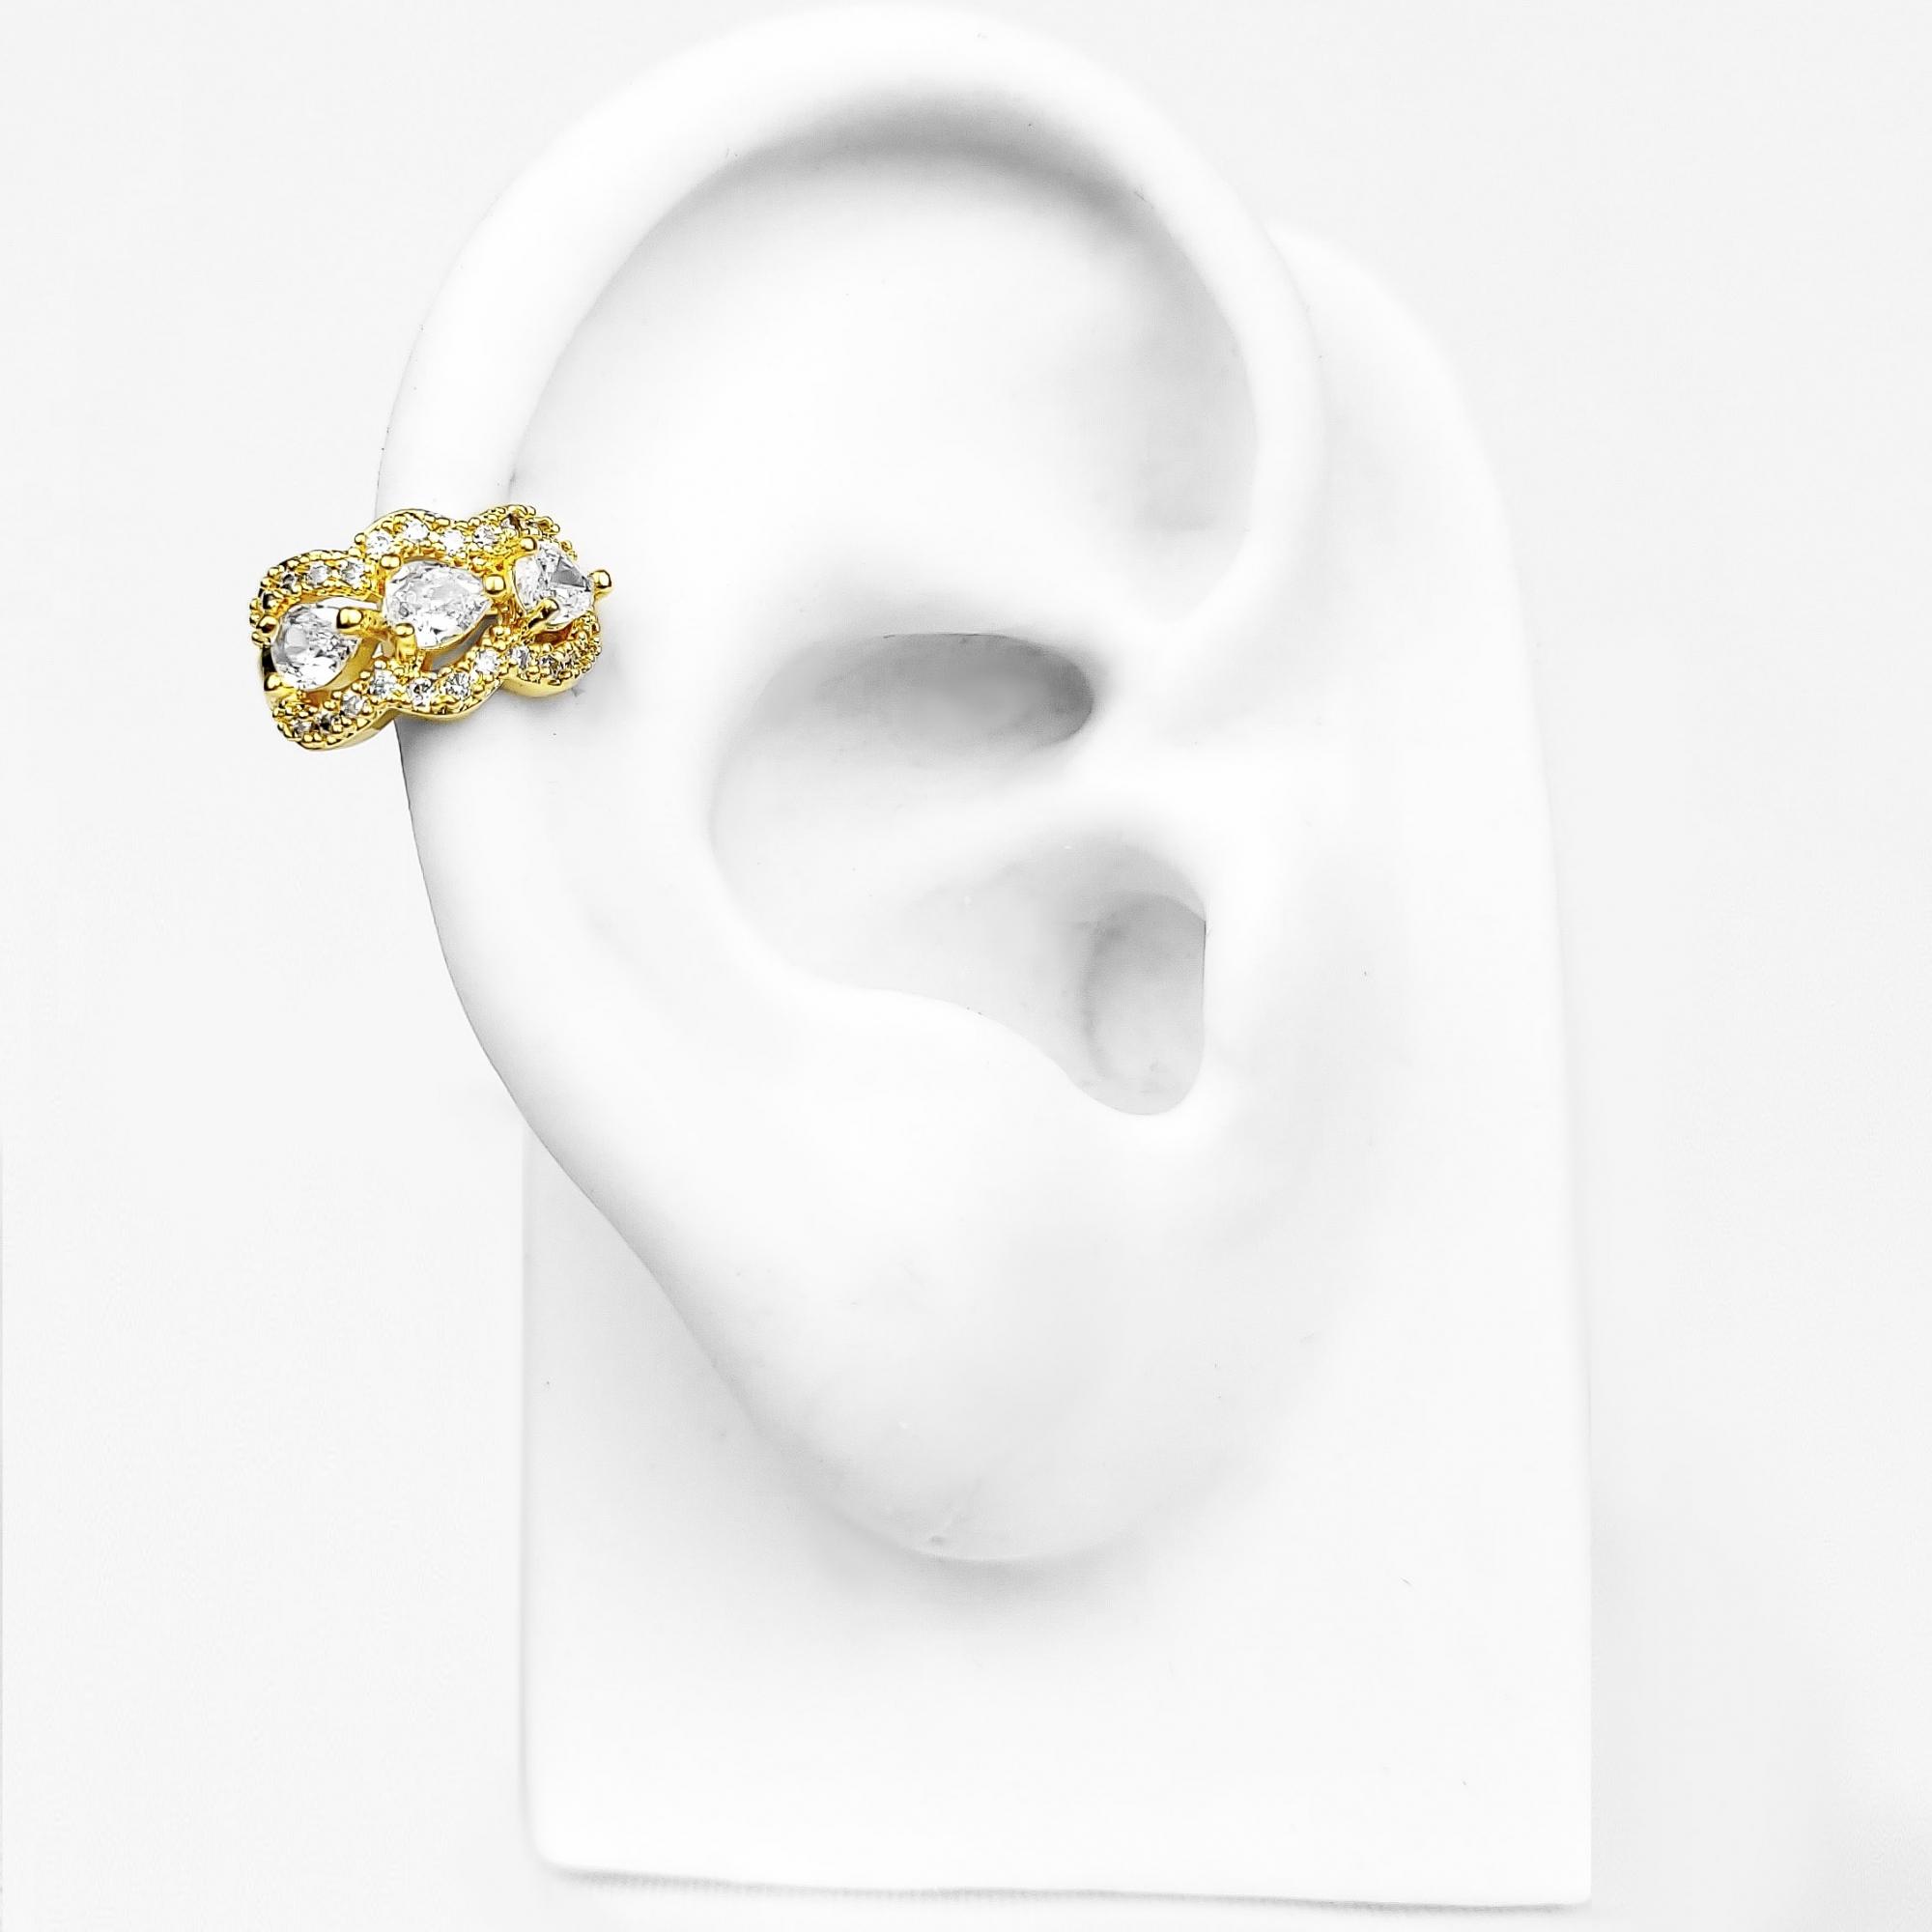 Brinco Piercing Fake 3 Gotas de Zircônias Folheado Ouro 18k  - Lunozê Joias